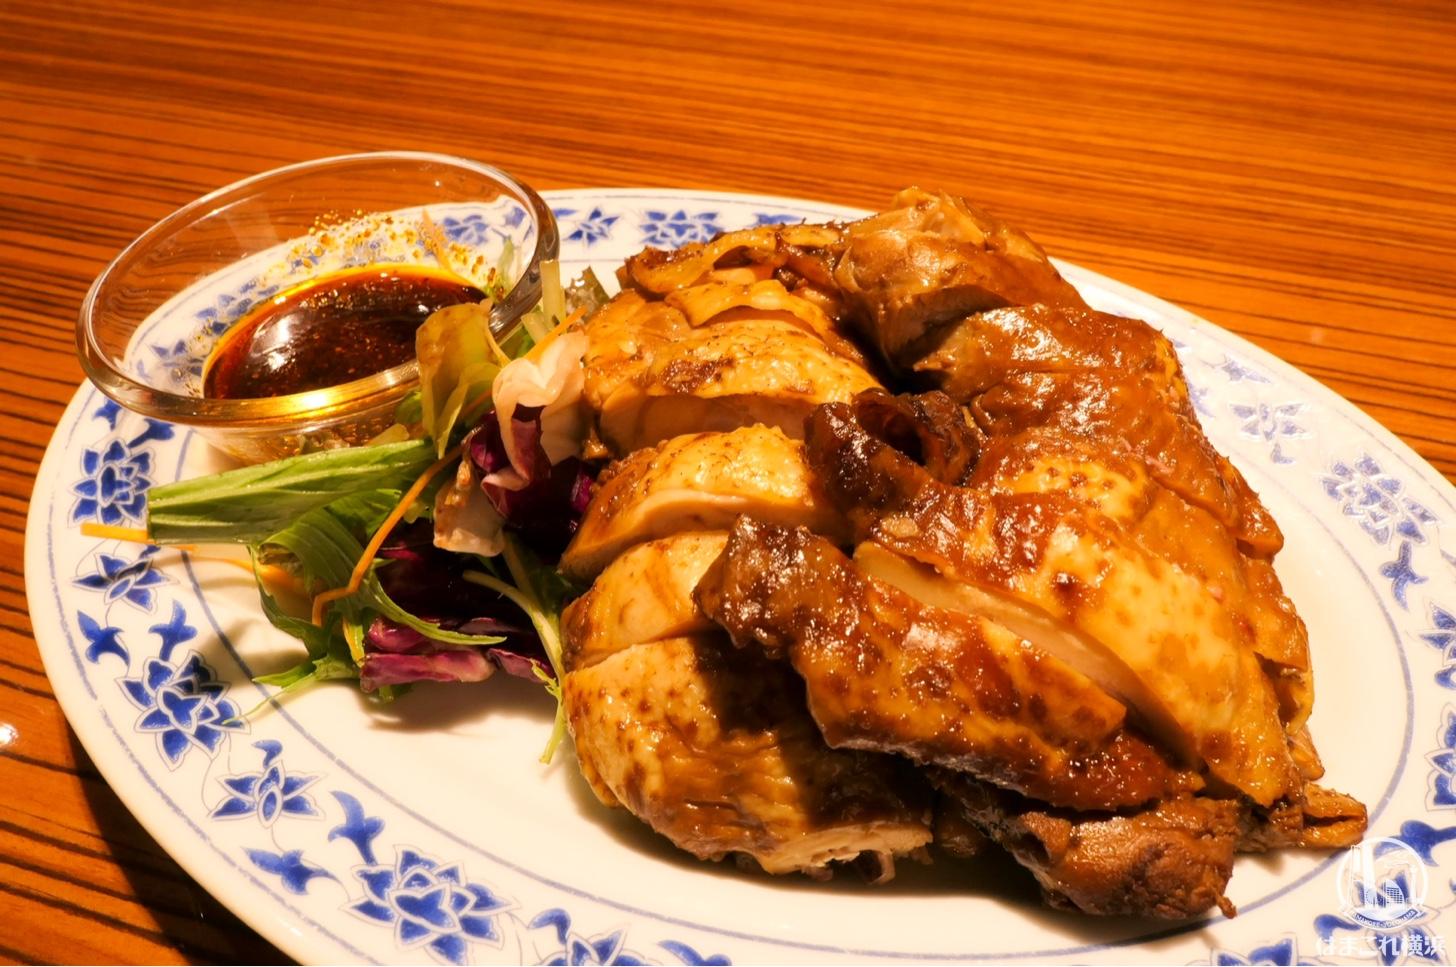 横浜中華街「重慶飯店本館」のランチは異なるメニュー注文してシェアが良かった!